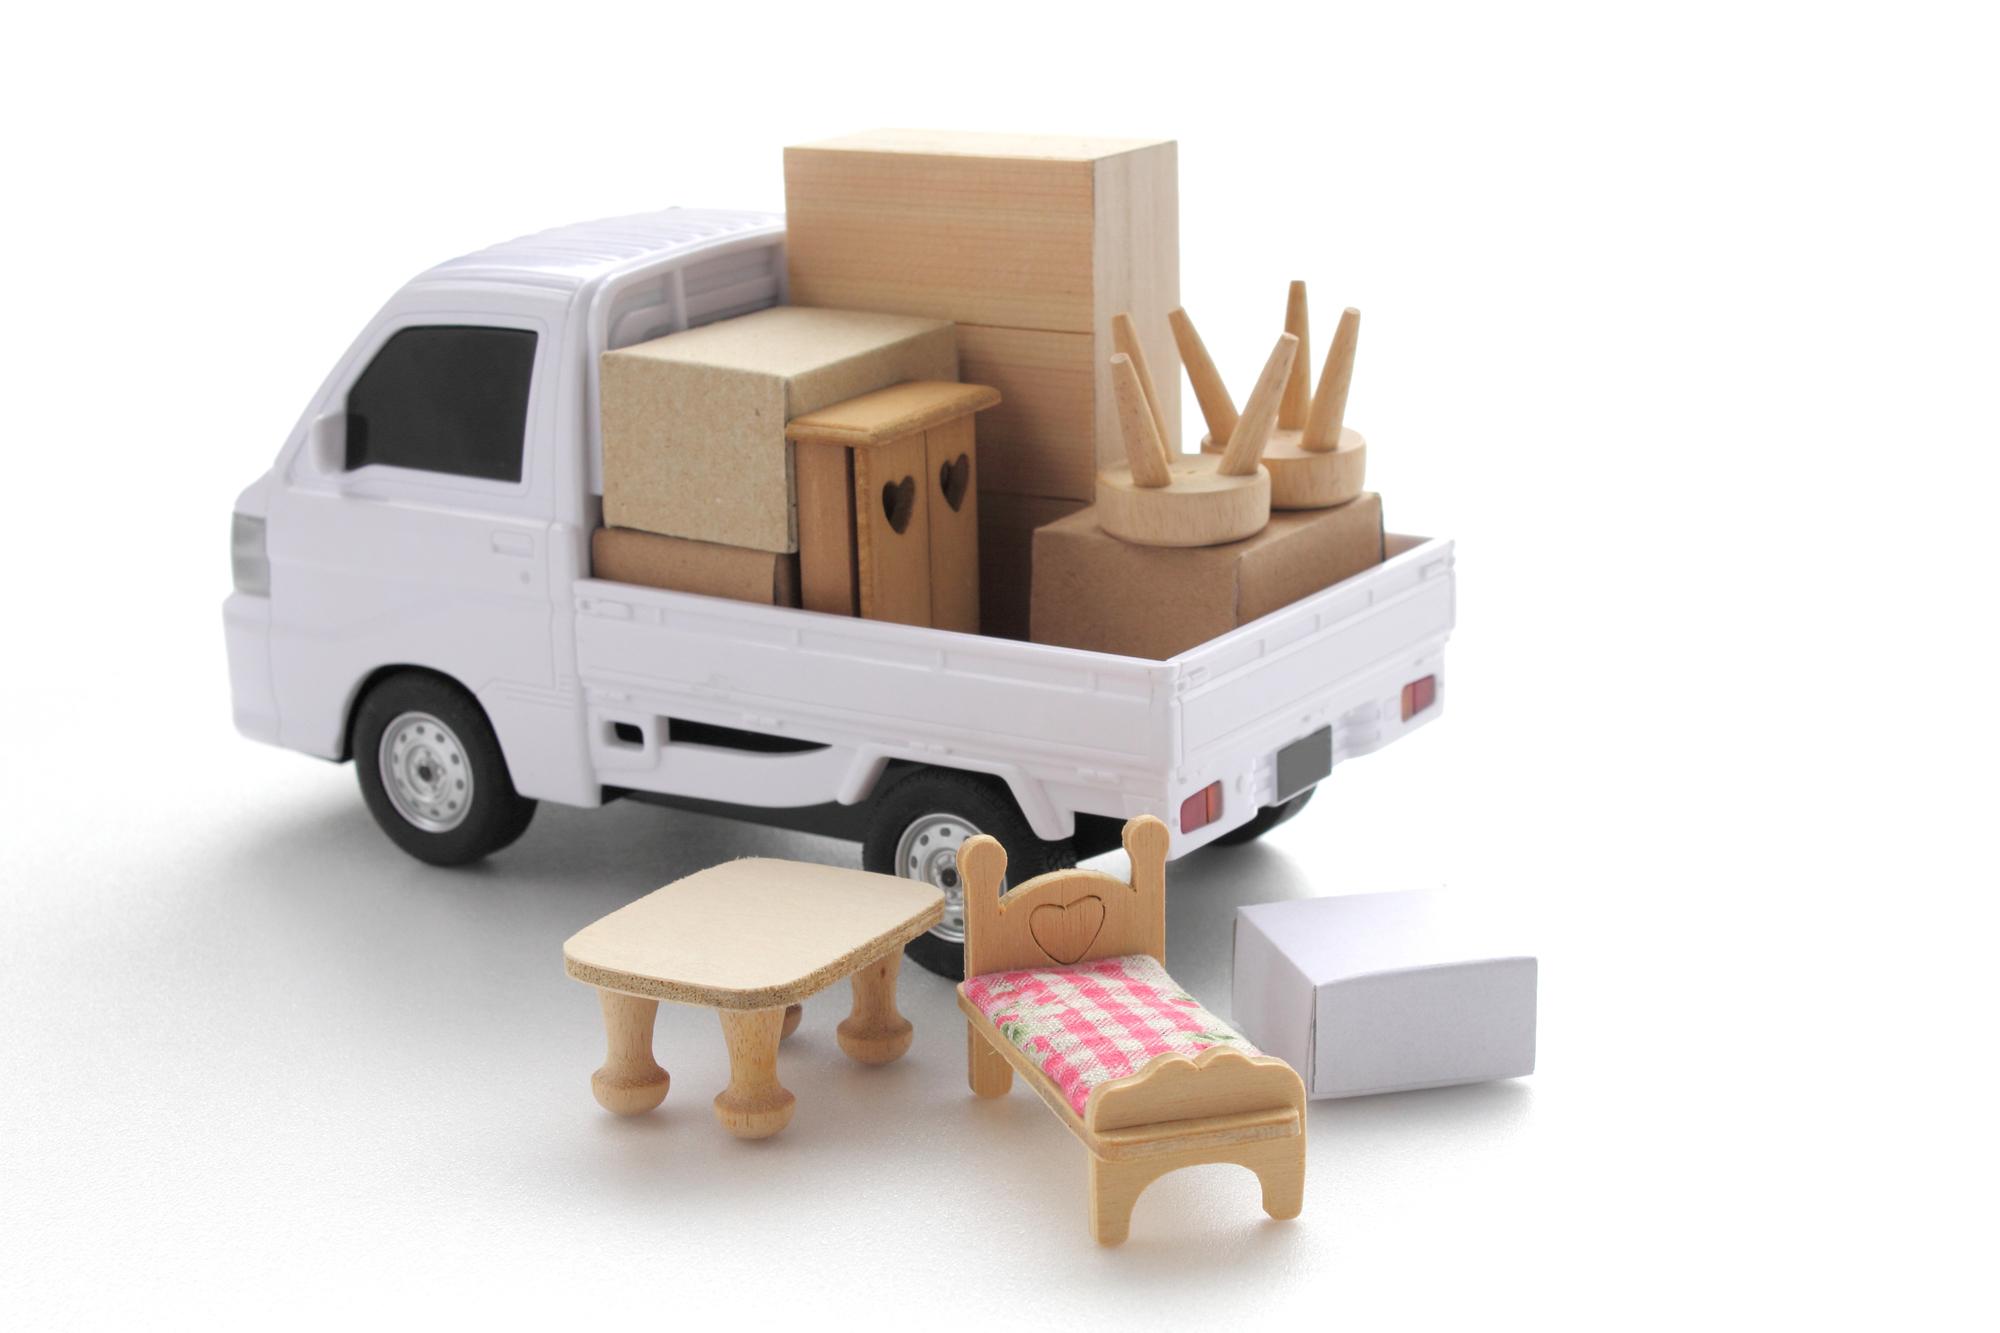 荷台にたくさんの引越し家財が積まれているおもちゃのトラック